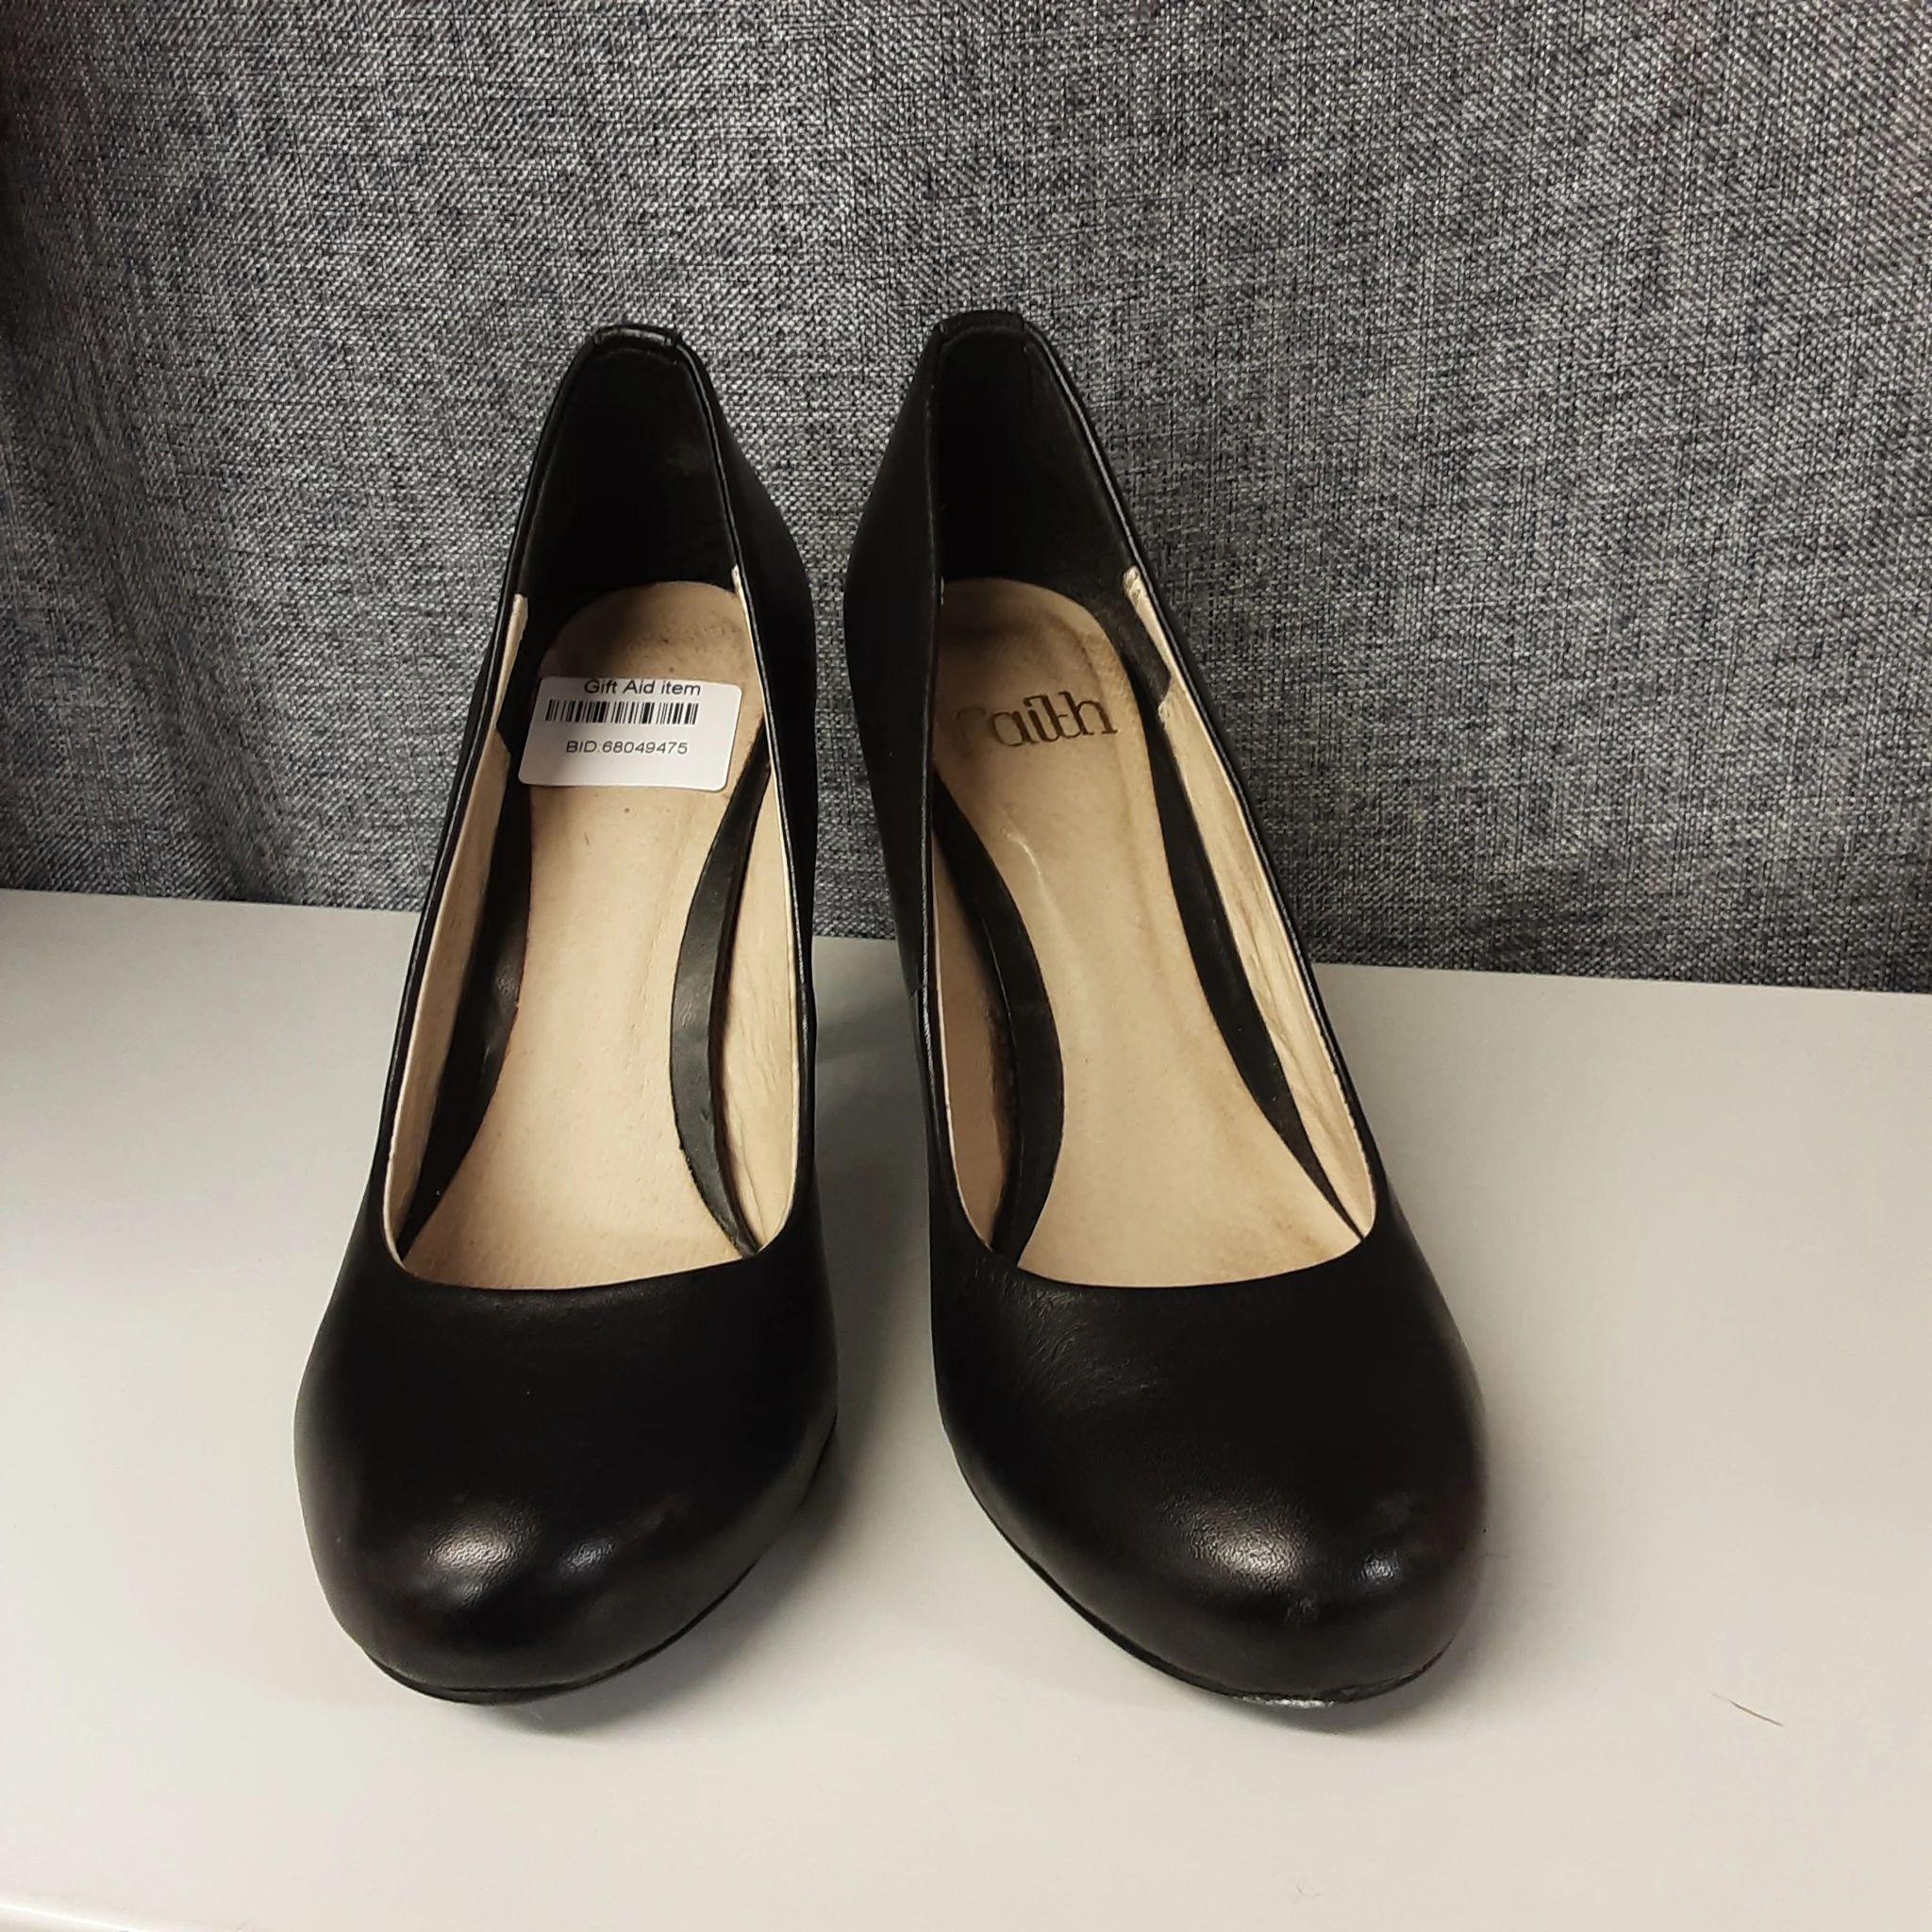 Black Heeled Faith Shoes Size 4